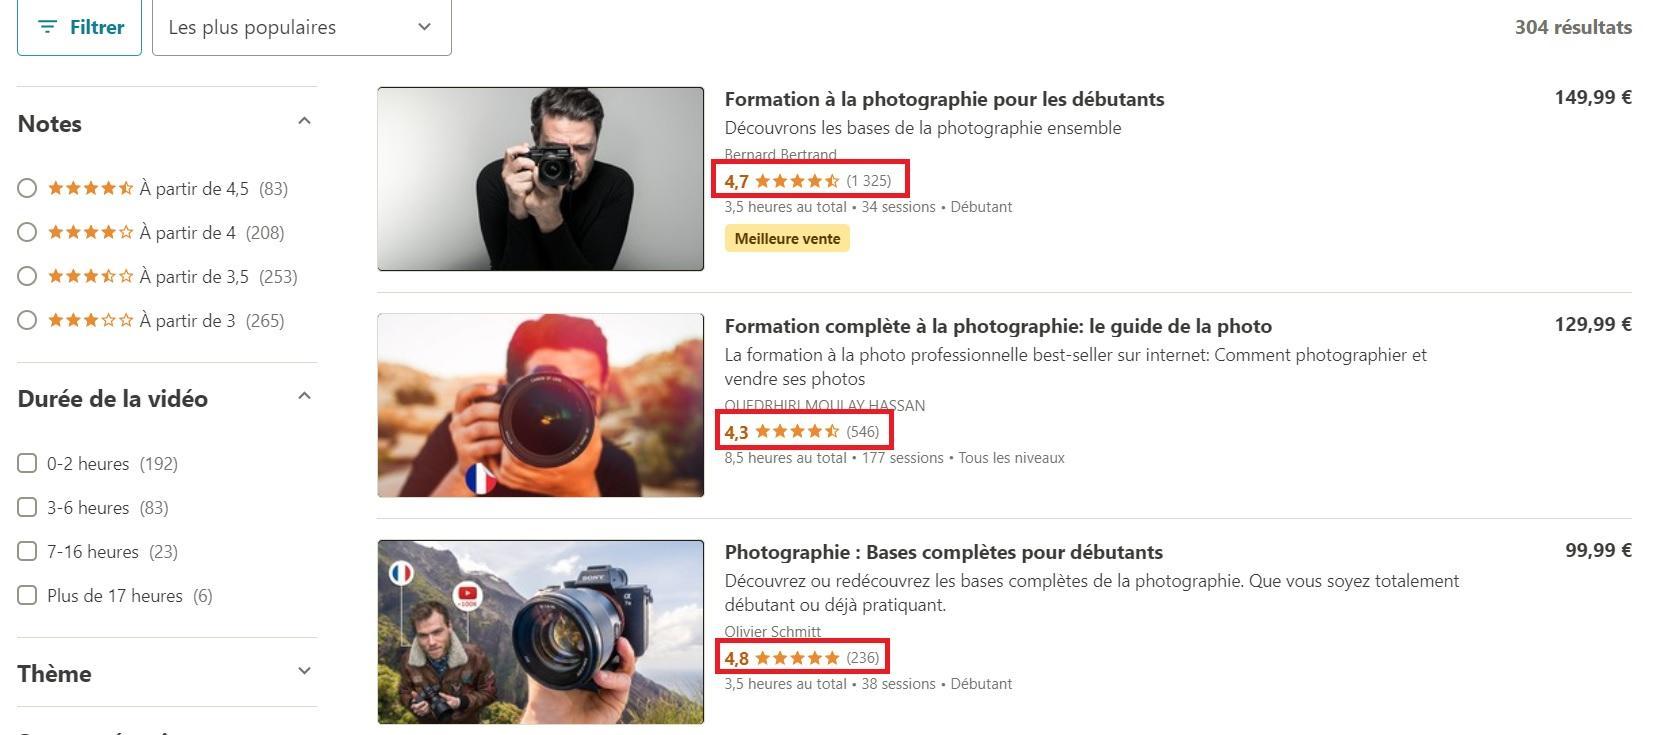 Vendre une formation en photographie